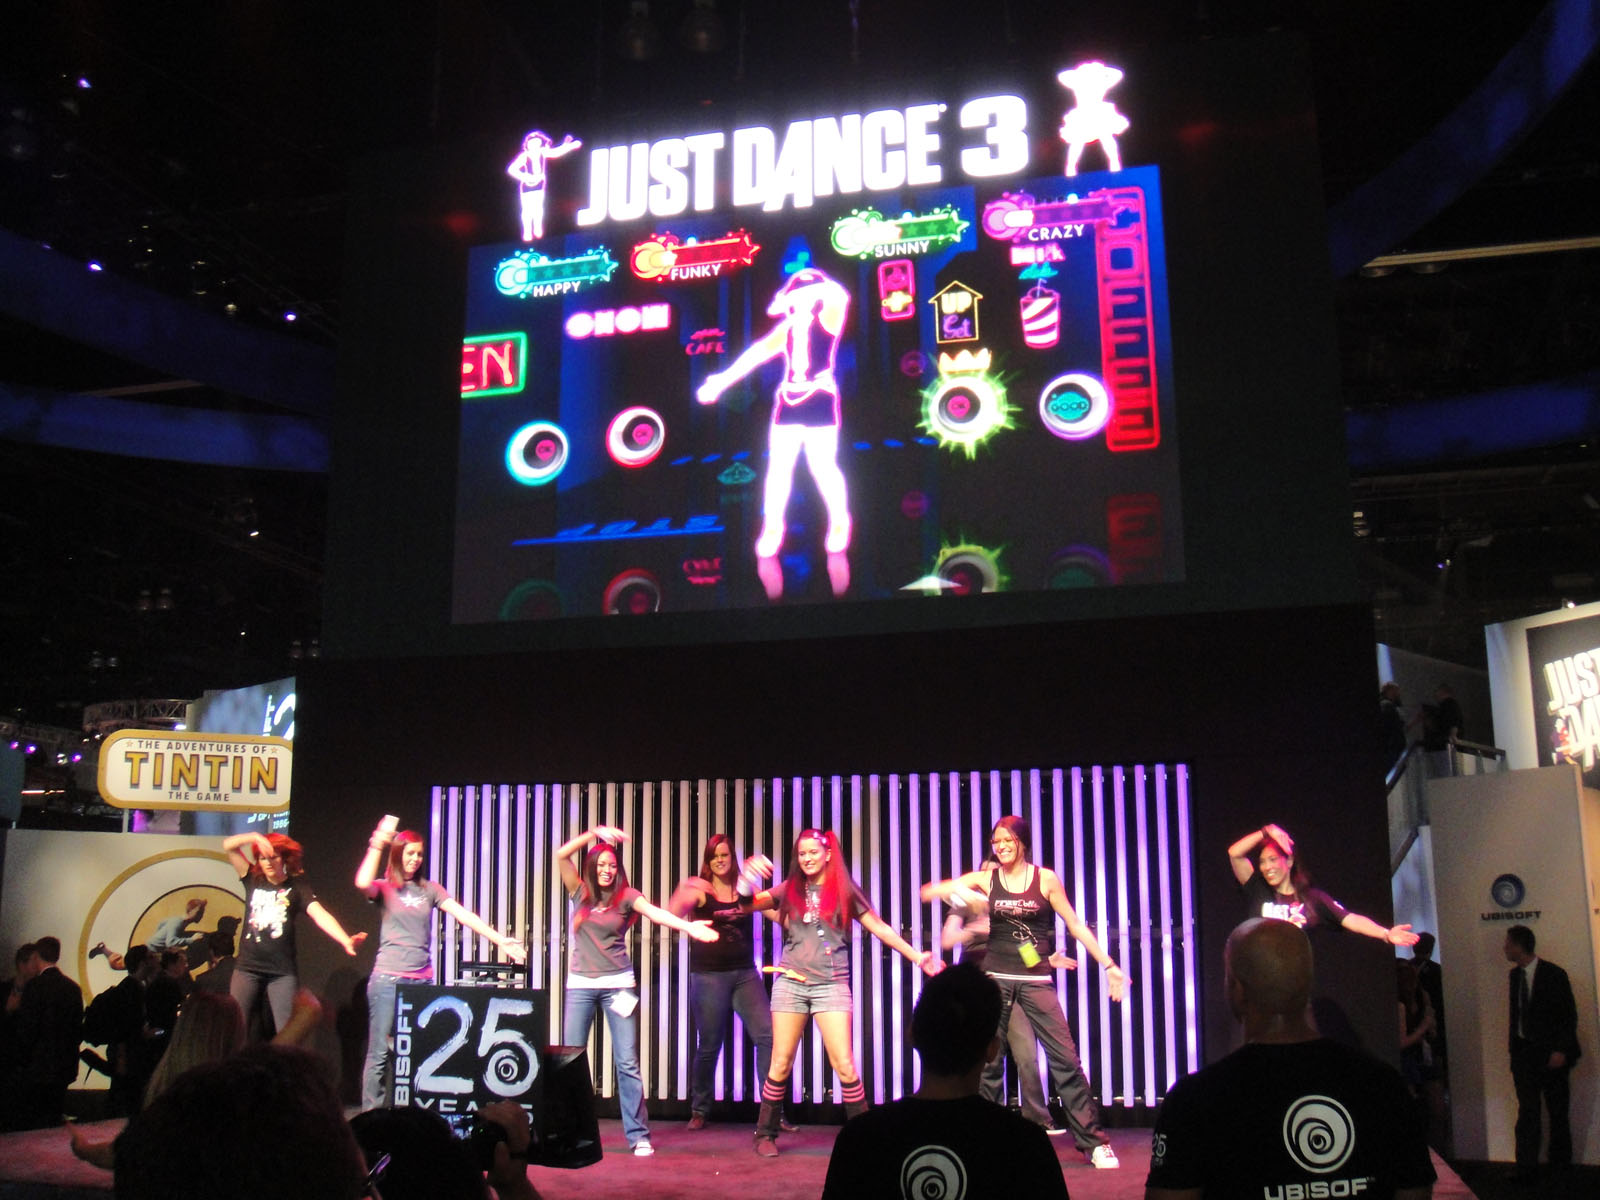 Just Dance 3 (Ubisoft) (crédits: Doug Kline / The Pop Culture Geek Network / Flickr Creative Commons Attribution - Pas d'Utilisation Commerciale 2.0 Générique (CC BY-NC 2.0))